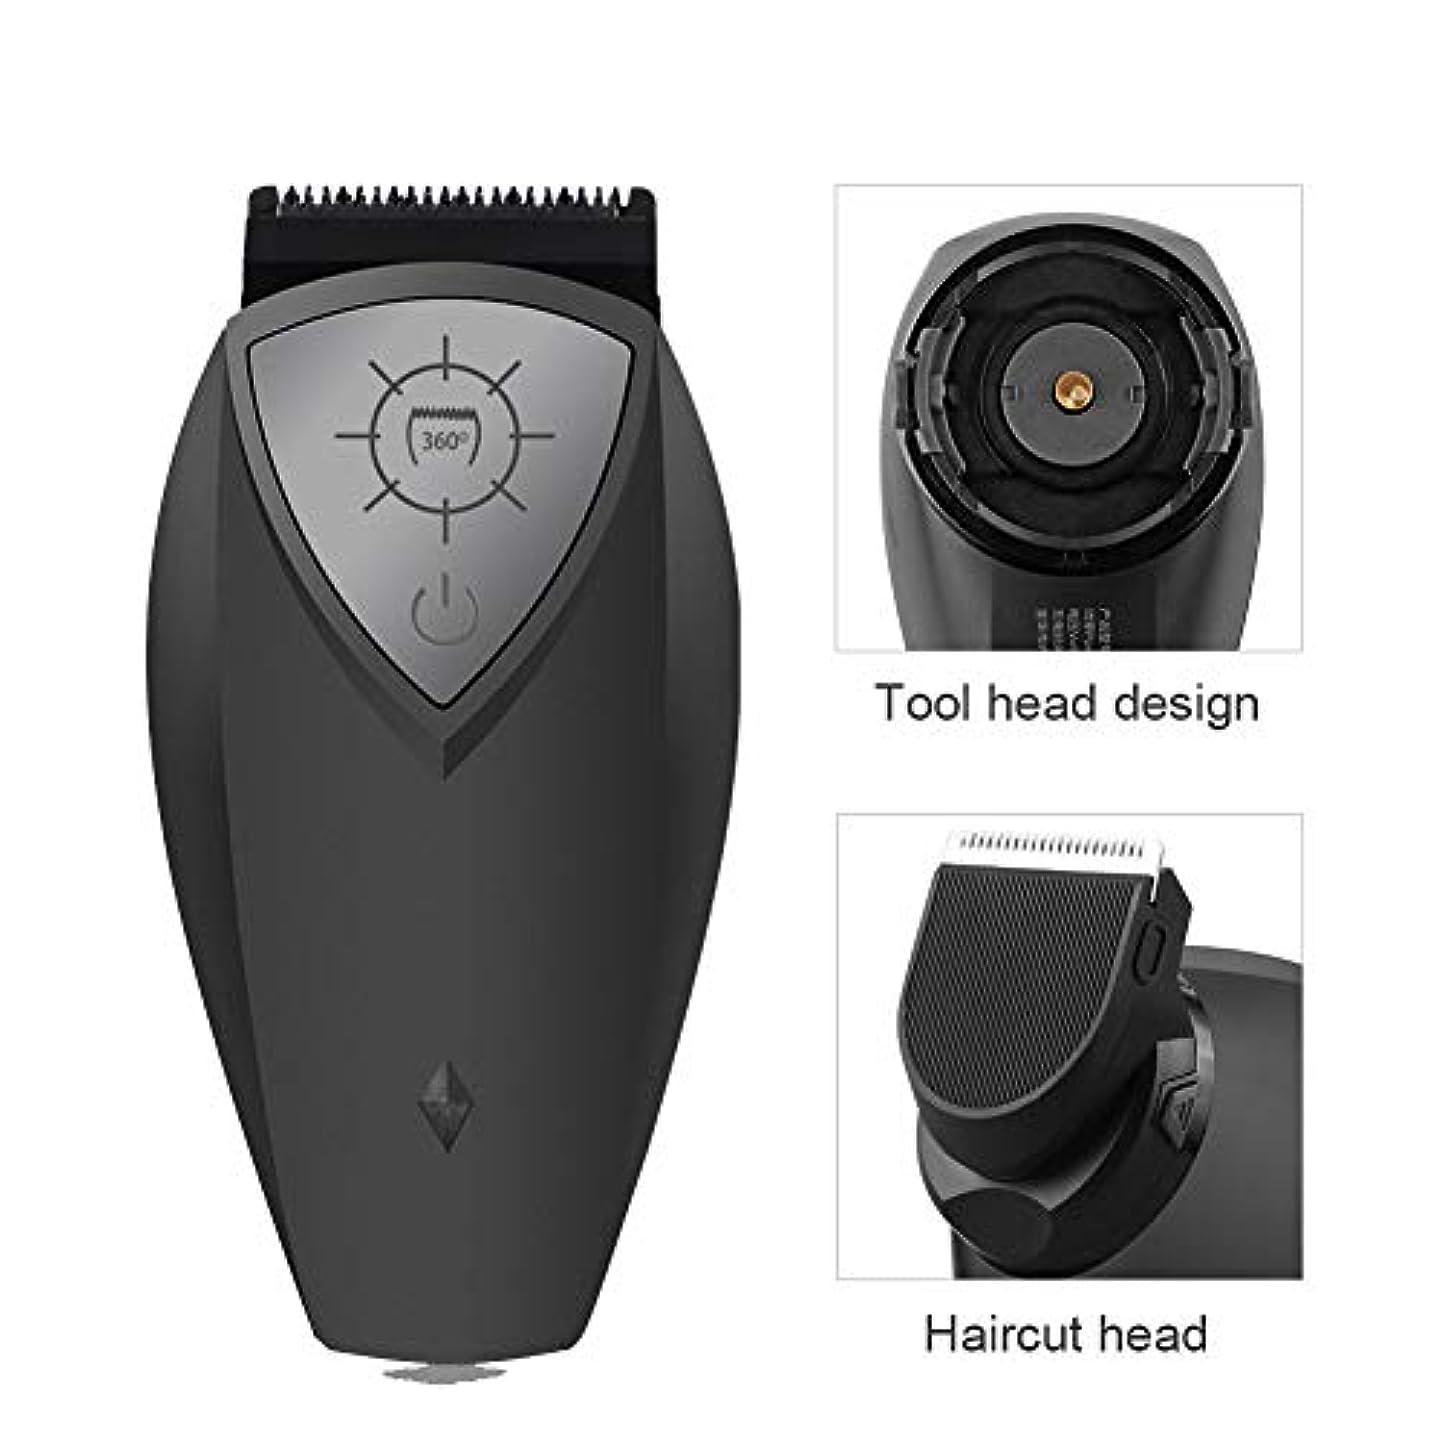 飛行機悪行ディスク男性用USB充電式シェーバーカミソリ、360度ロータリー充電式男性電気シェーバー本体ひげ毛トリマーカミソリ